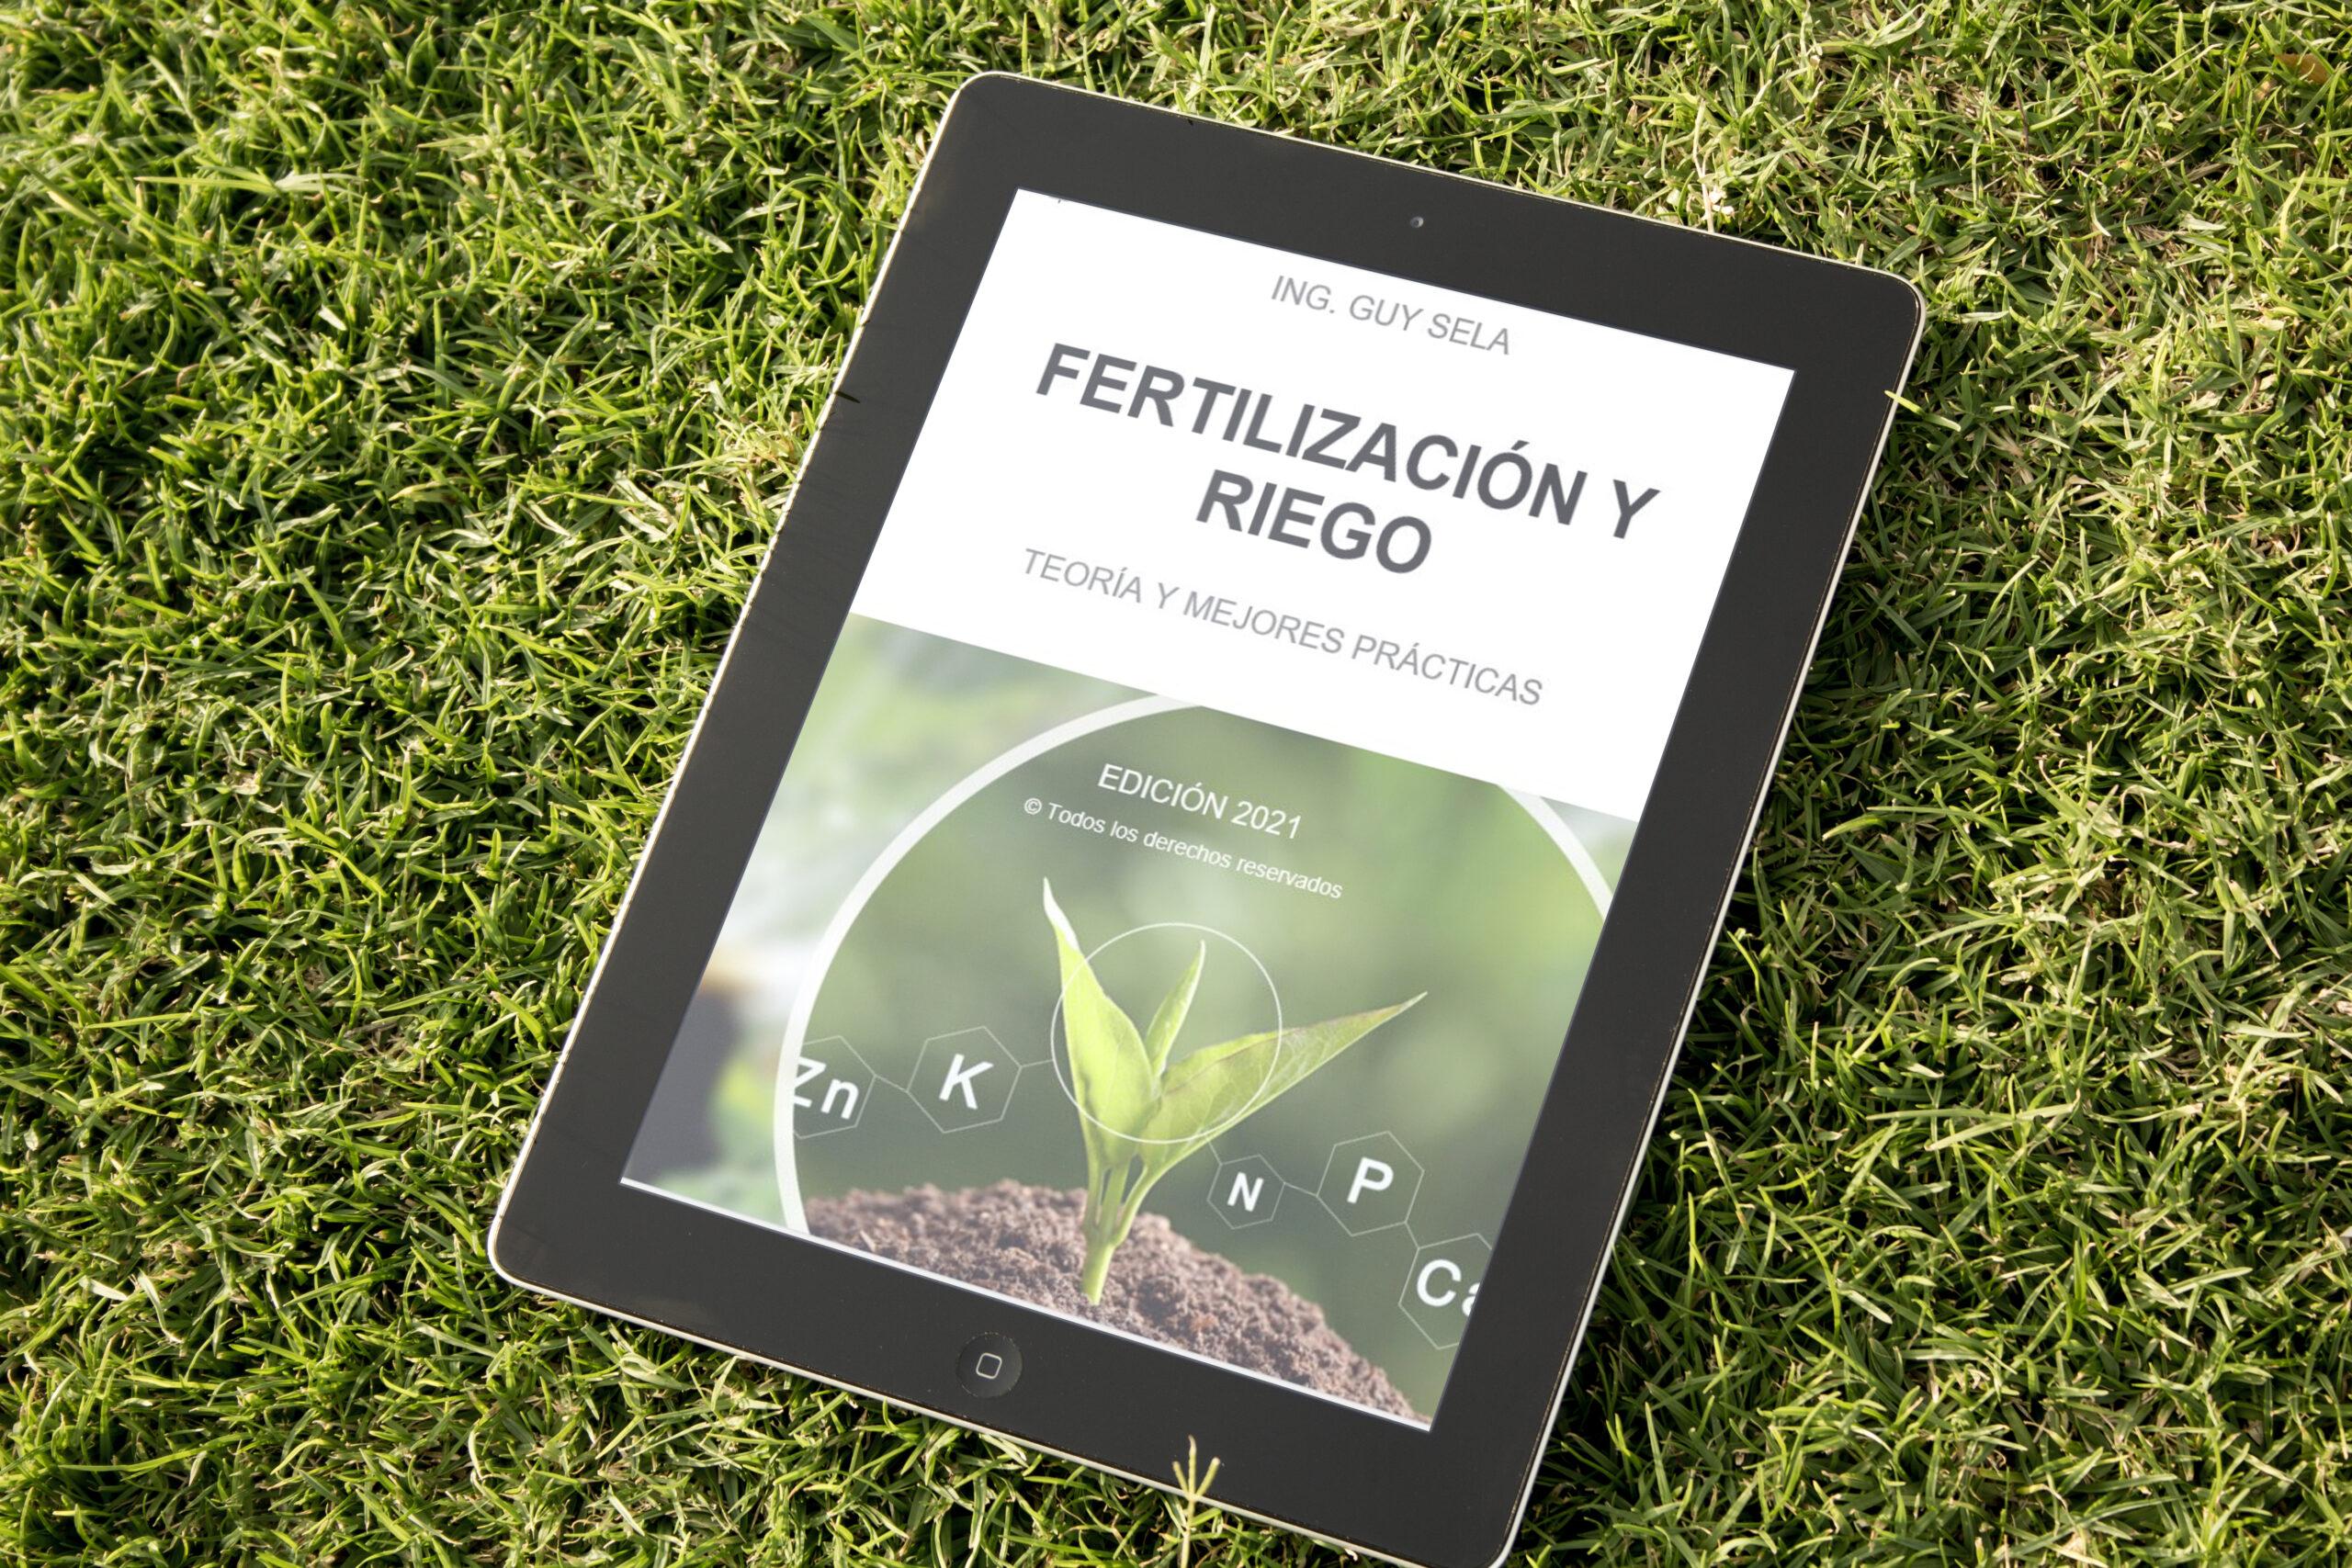 Libro digital - fertilización y riego